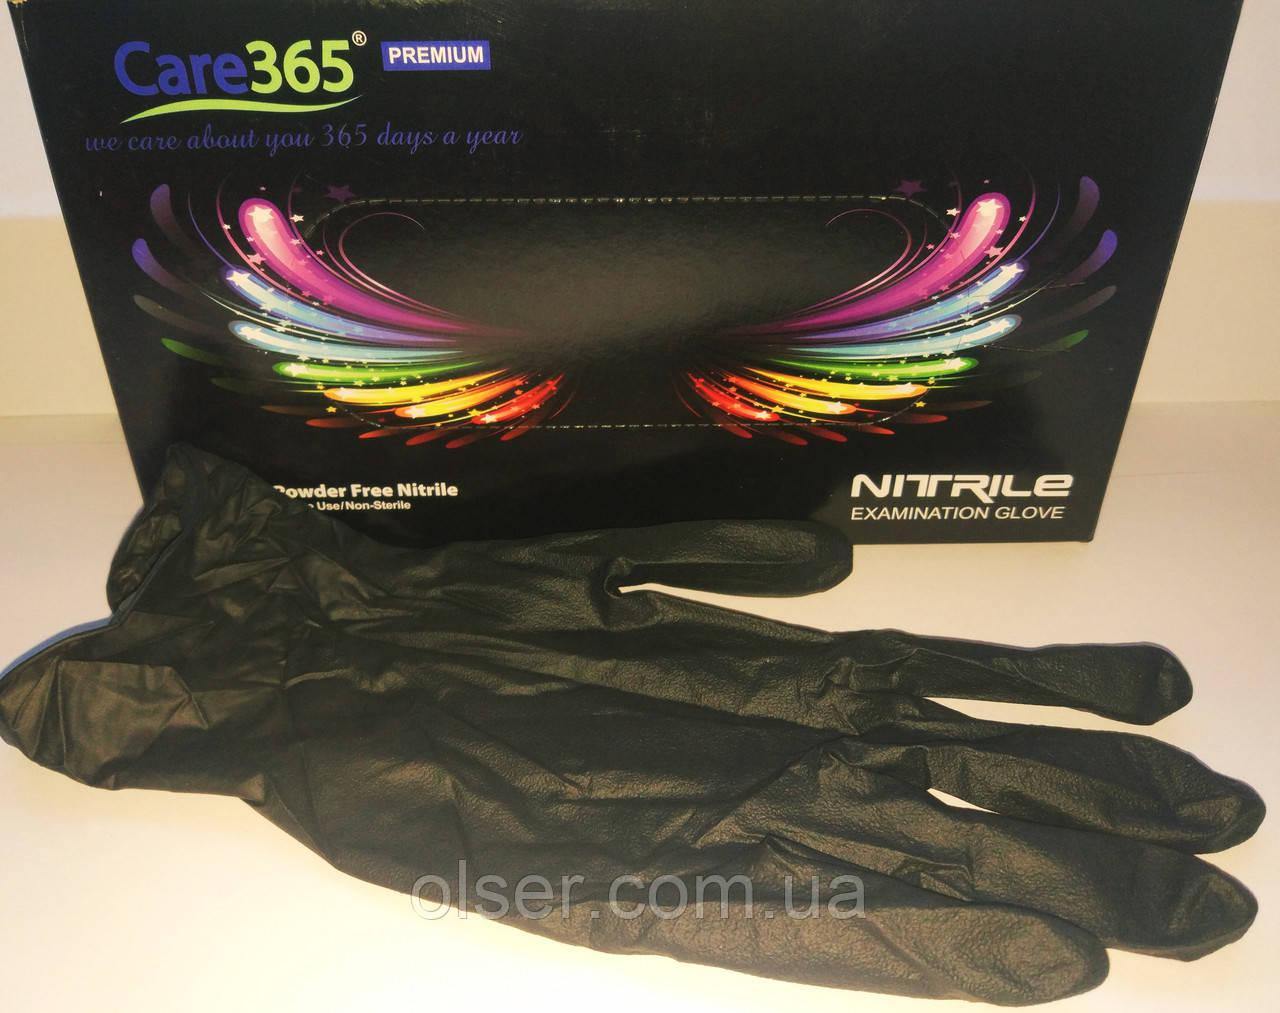 Перчатки нитриловые неопудренные CARE 365 PREMIUM, черные